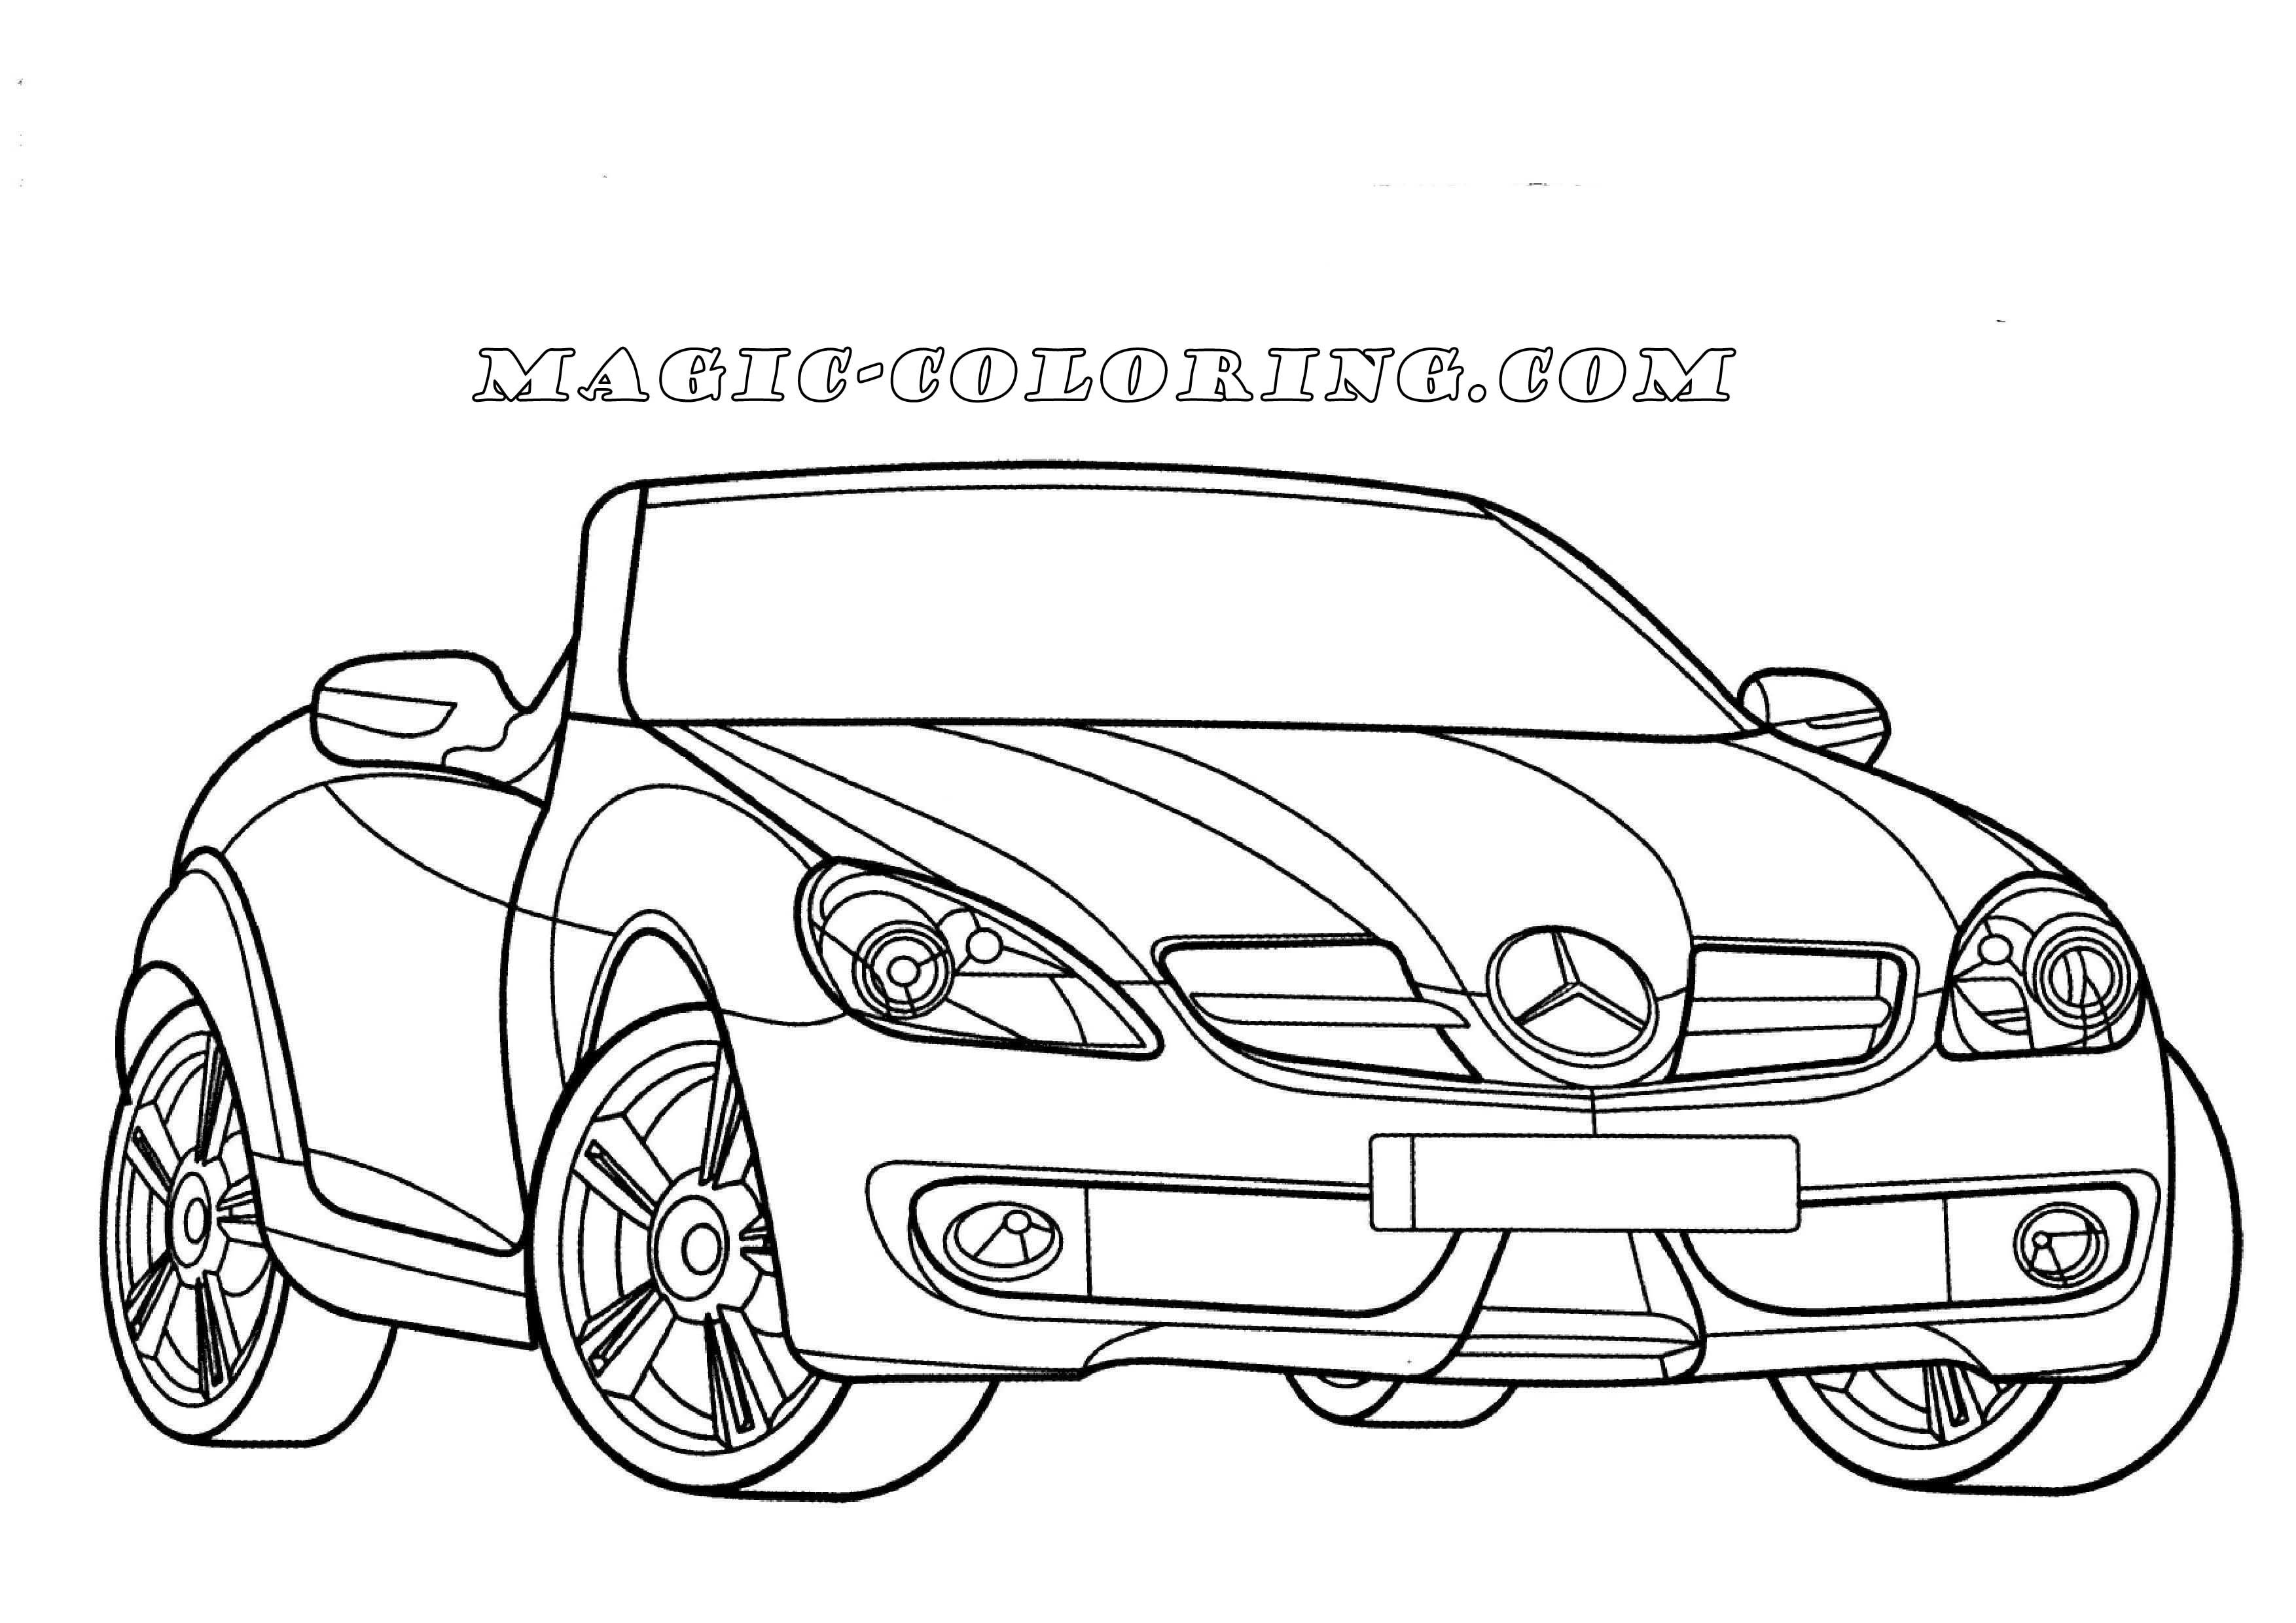 Transportation Coloring Pages Mercedes Benz Slk